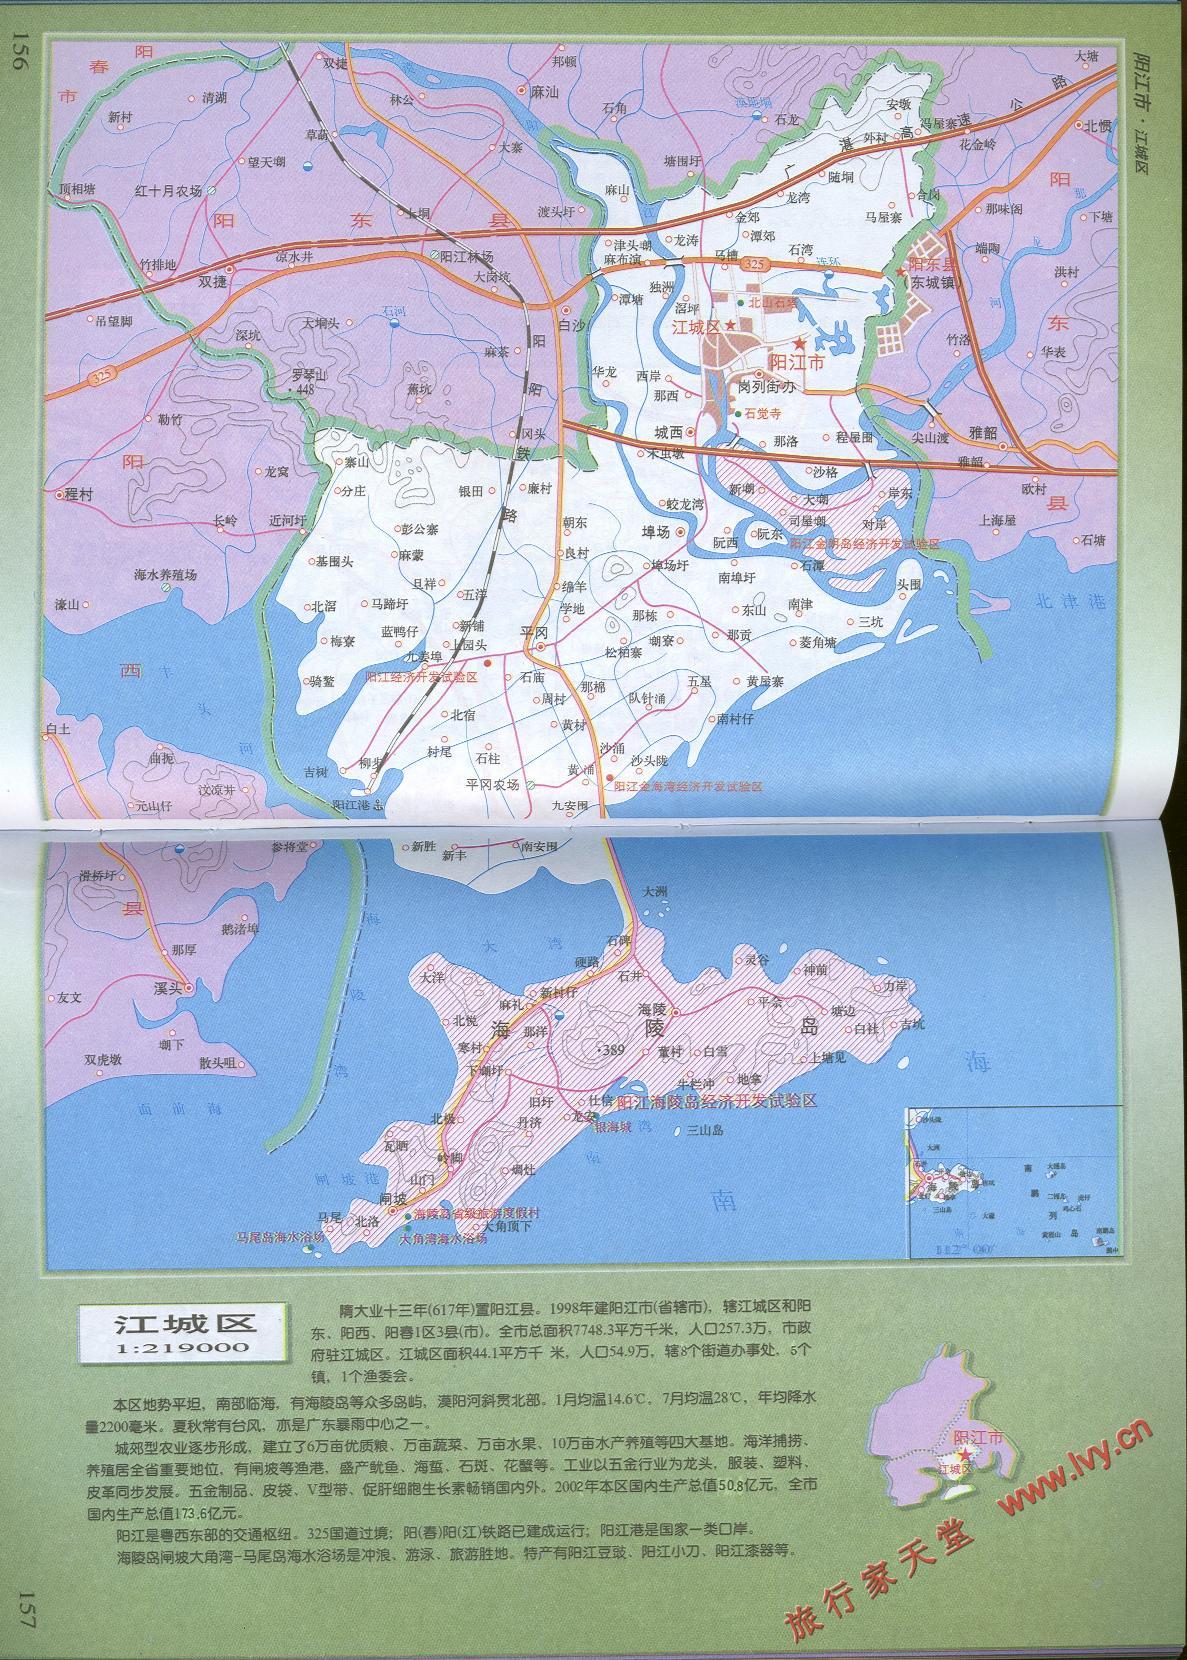 广东省全图高清版_阳江市地图_阳江市地图全图 - 随意贴